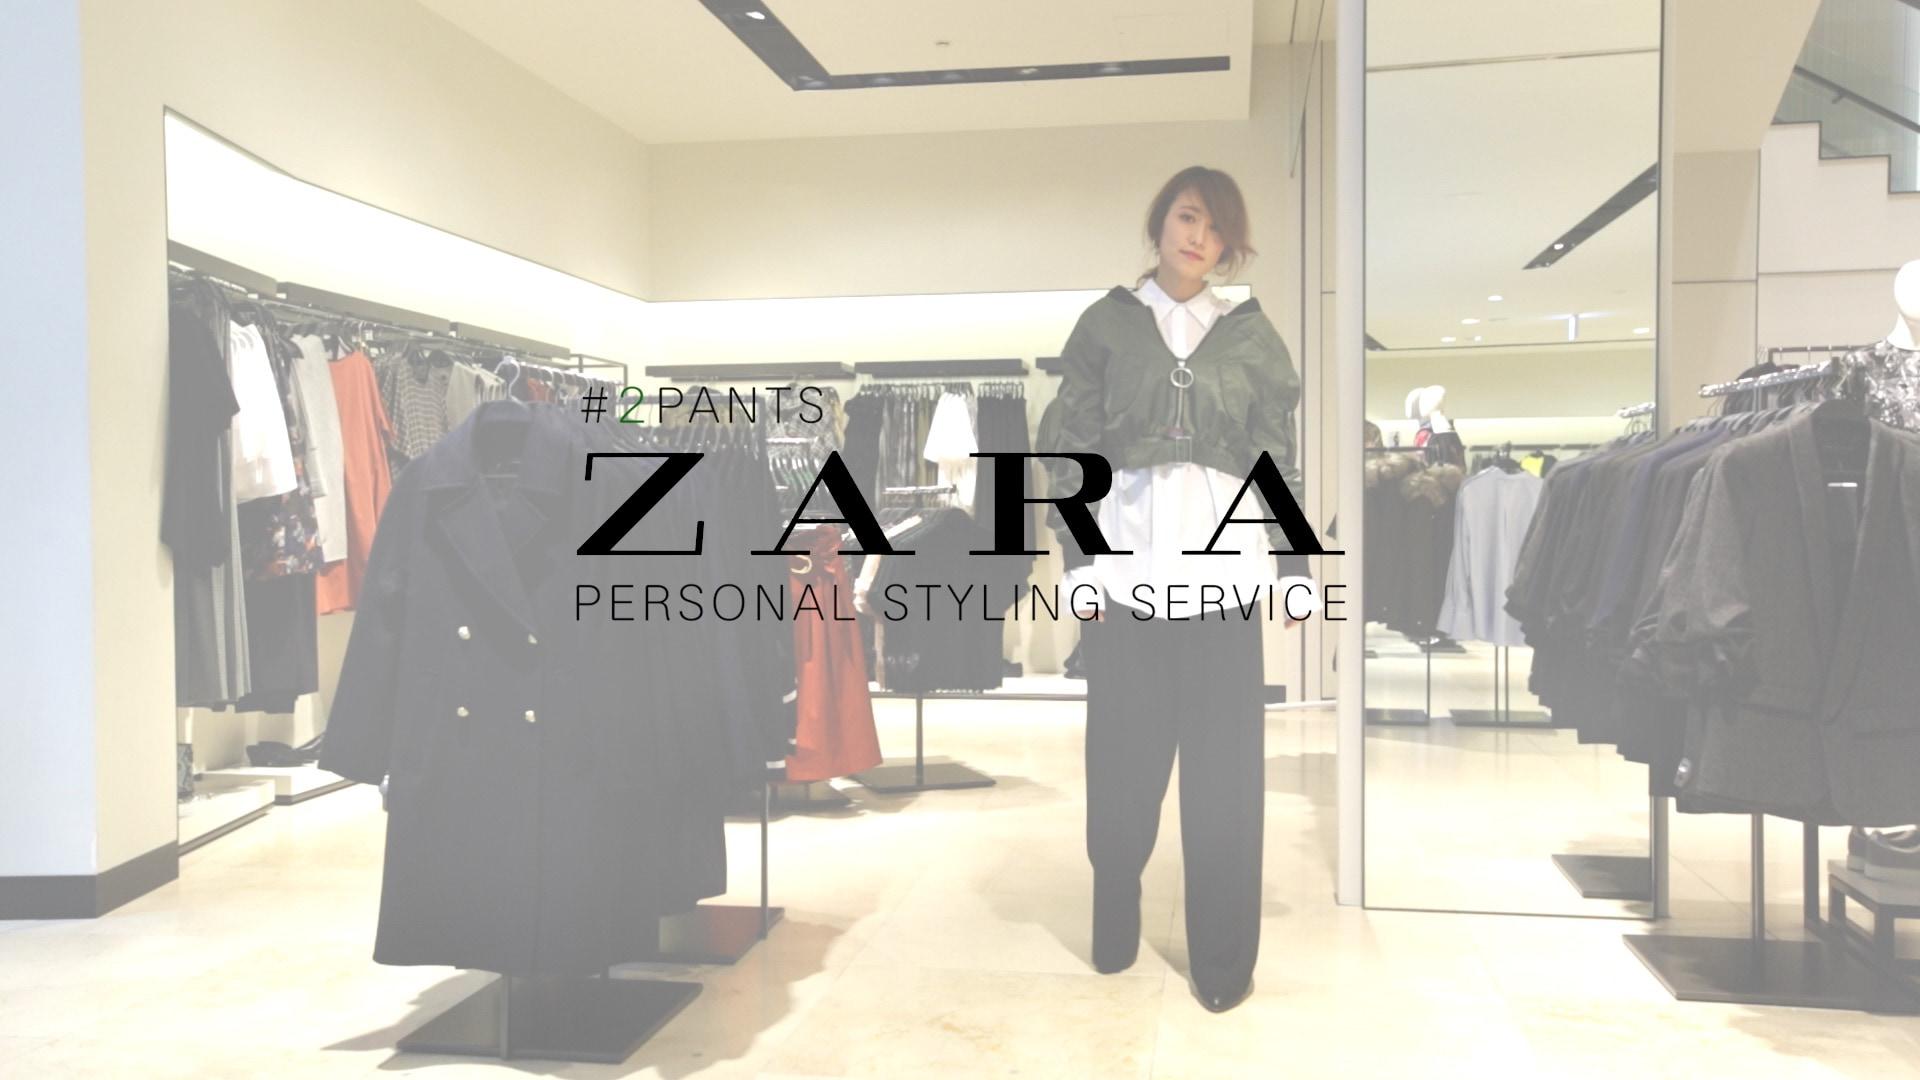 #2 MINEインフルエンサーが巡る!ZARAパーソナルスタイリングサービスとは【PANTS編】